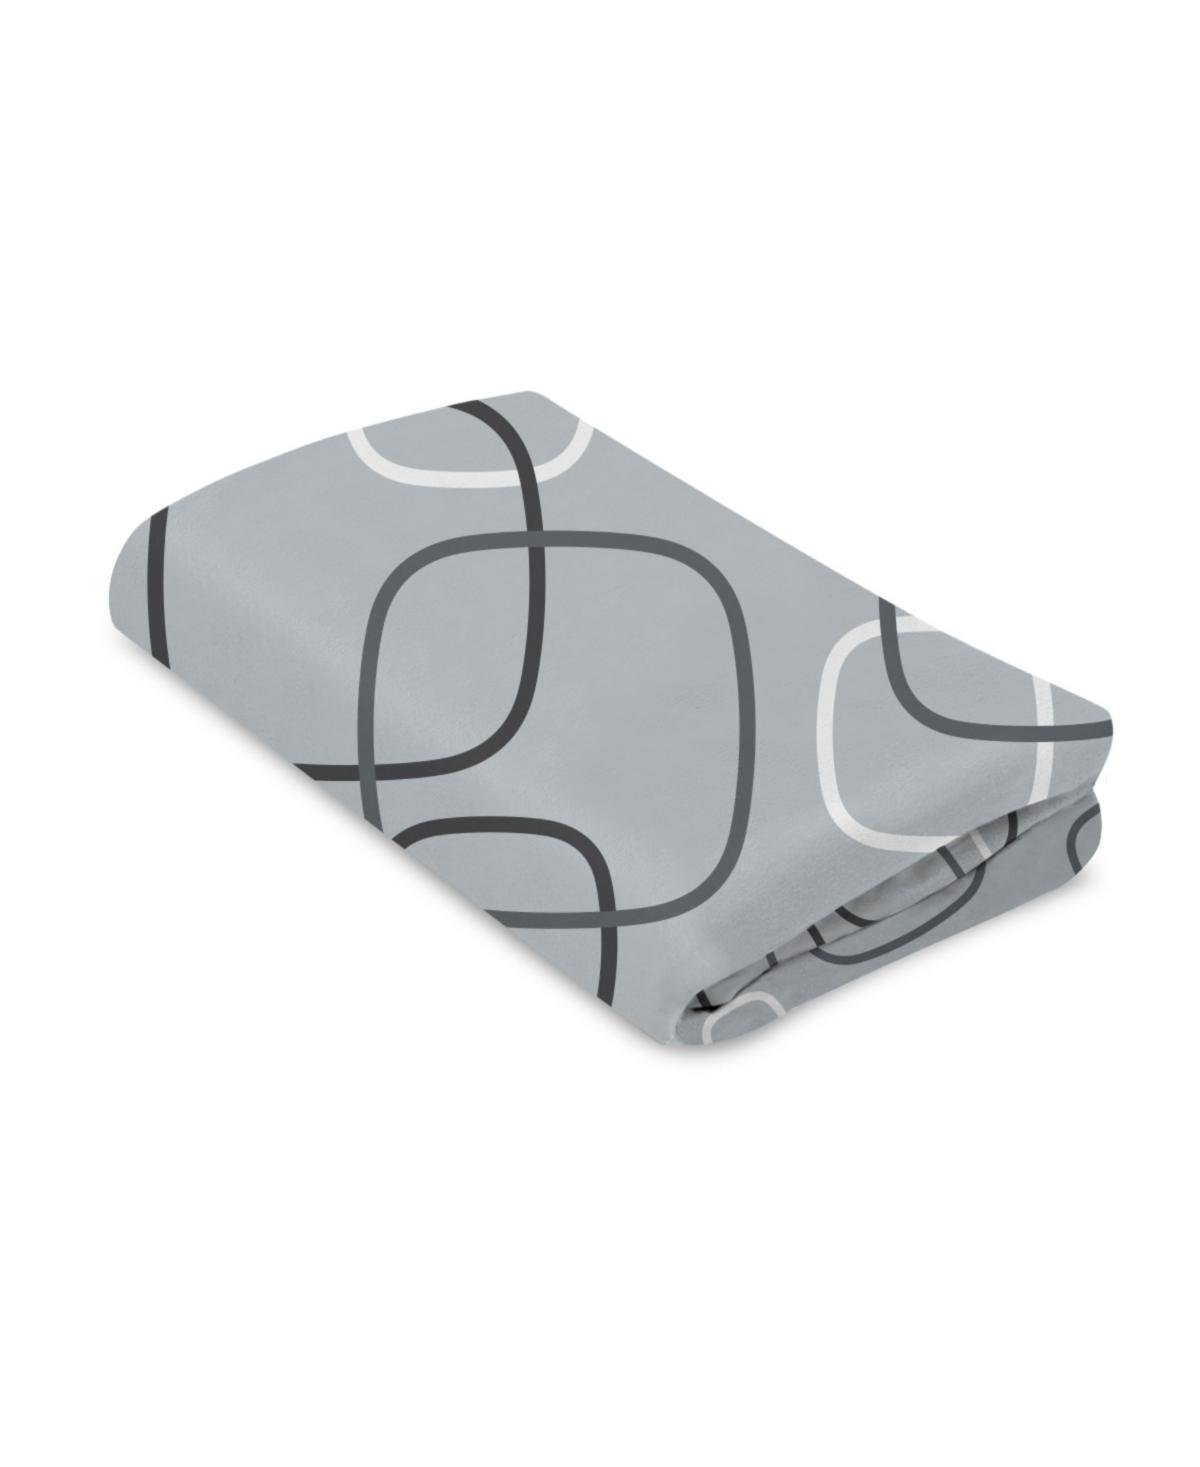 4moms Breeze bassinet waterproof sheet